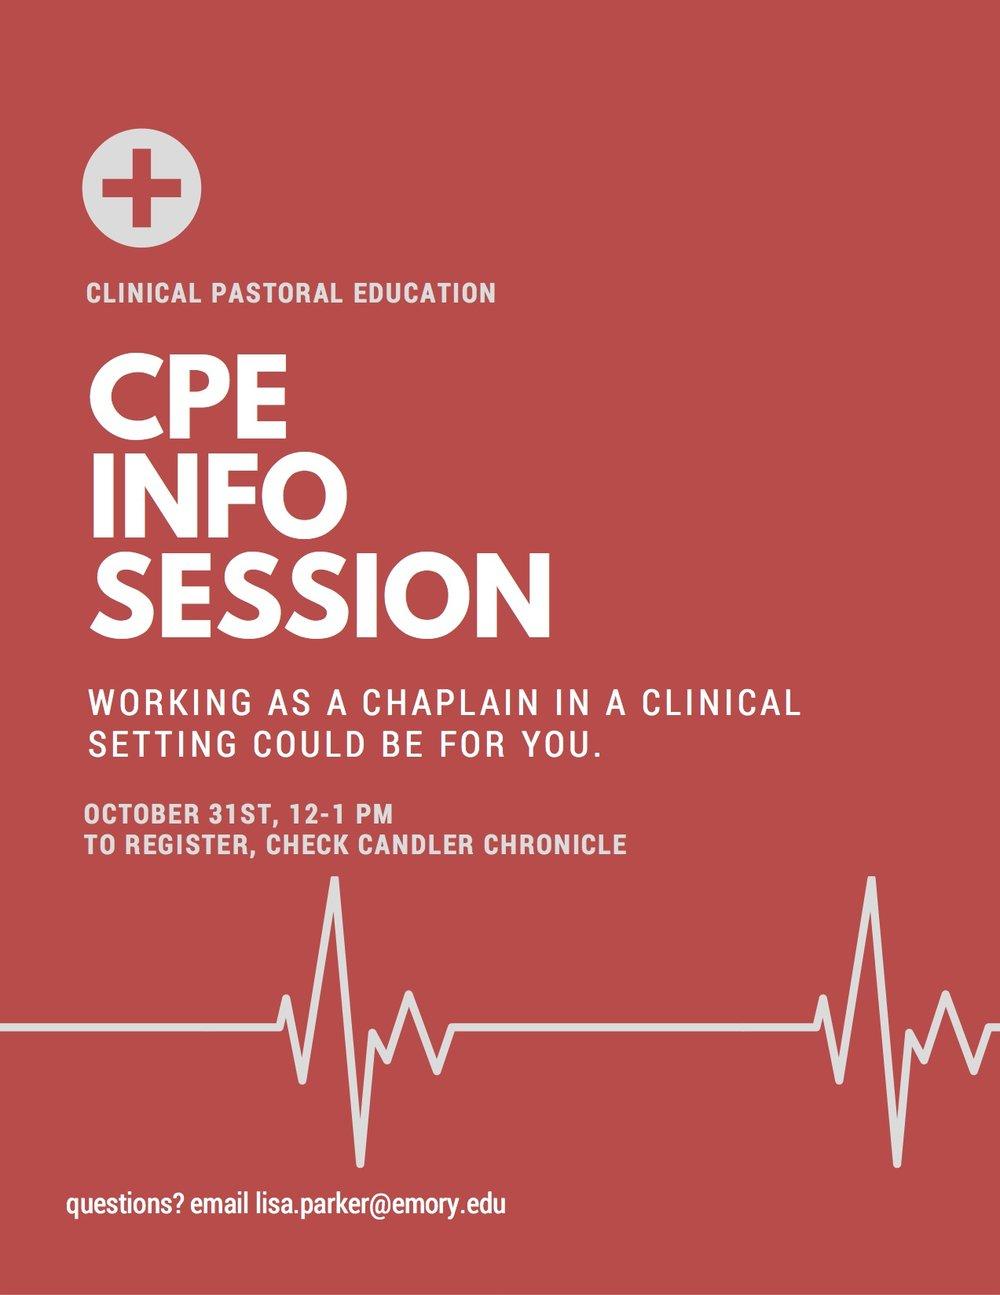 CPE Info Session Flyer (1).jpg